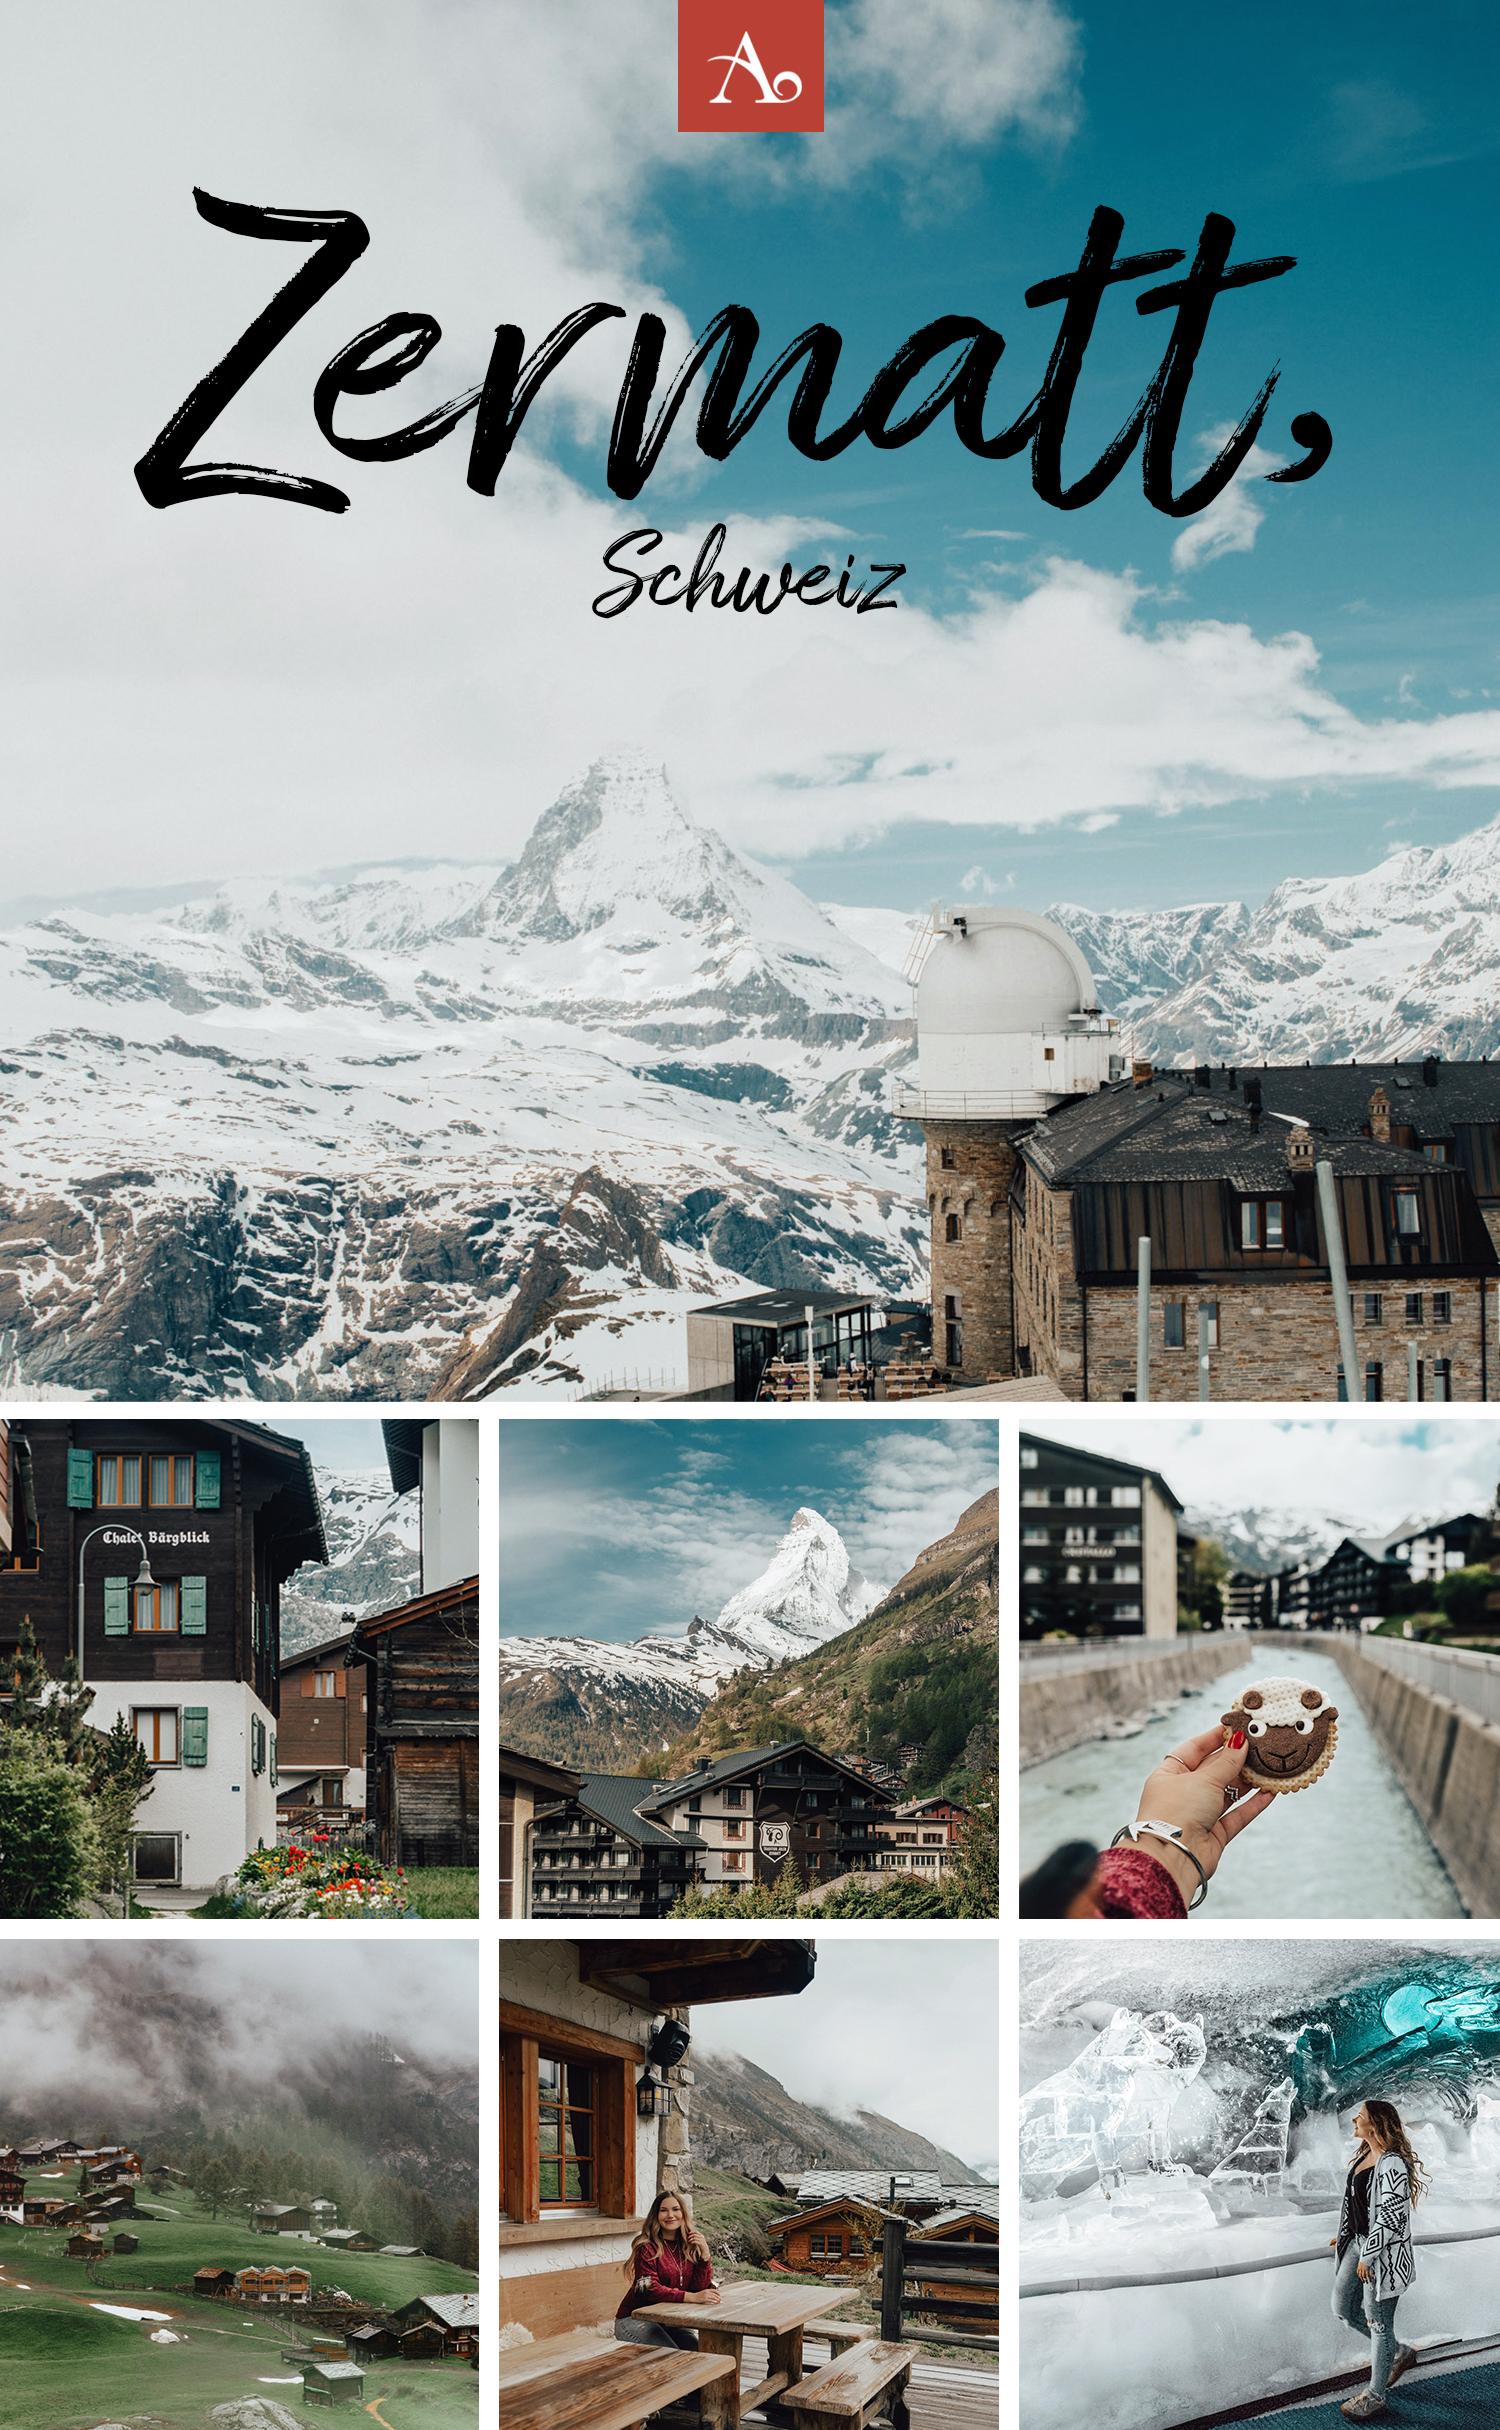 Bästa sakerna att göra i Zermatt, Schweiz